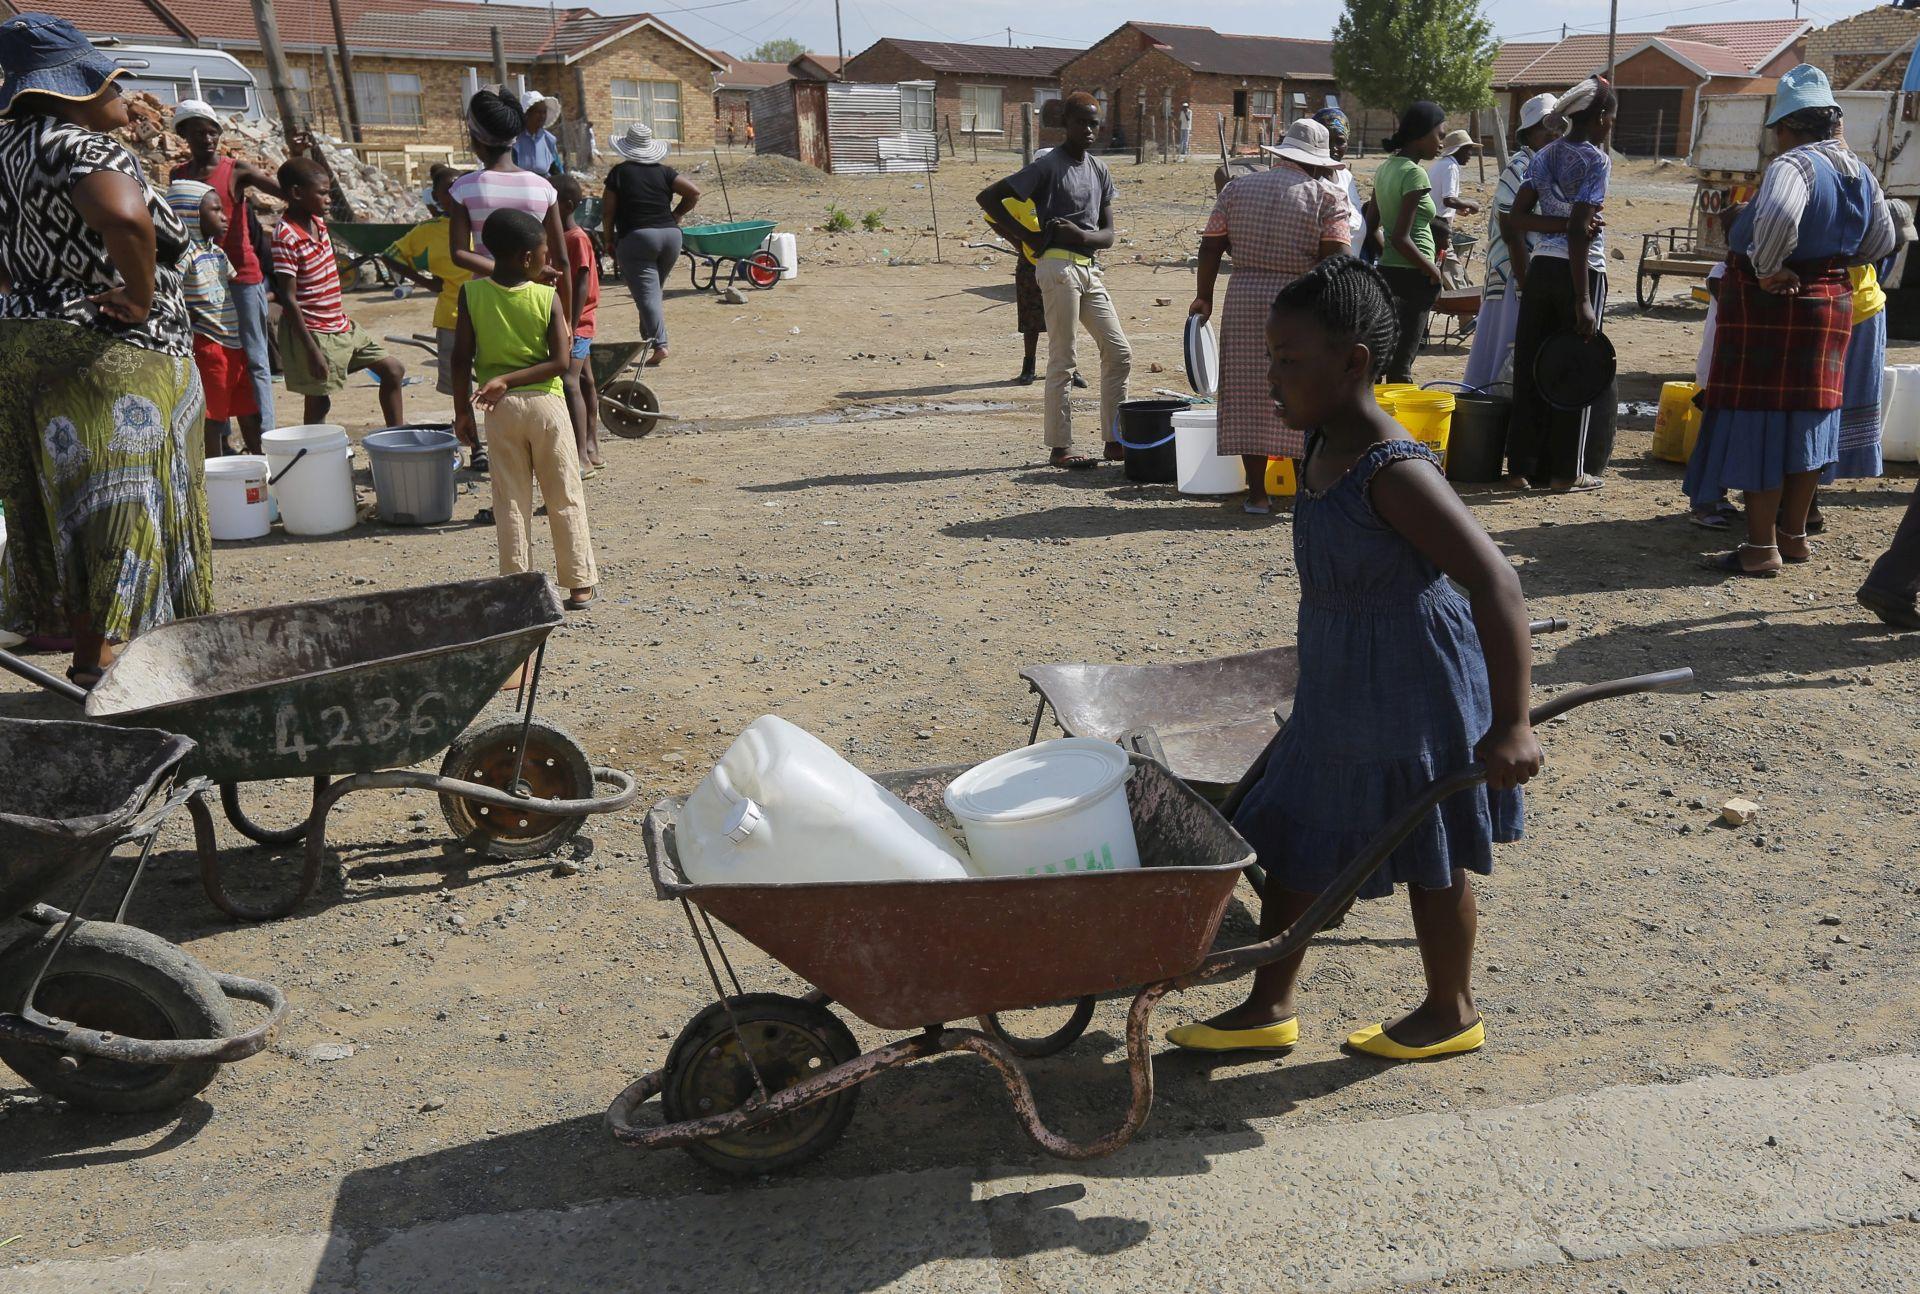 SUŠNA GODINA: U južnoj Africi s glađu suočeno 14 milijuna ljudi